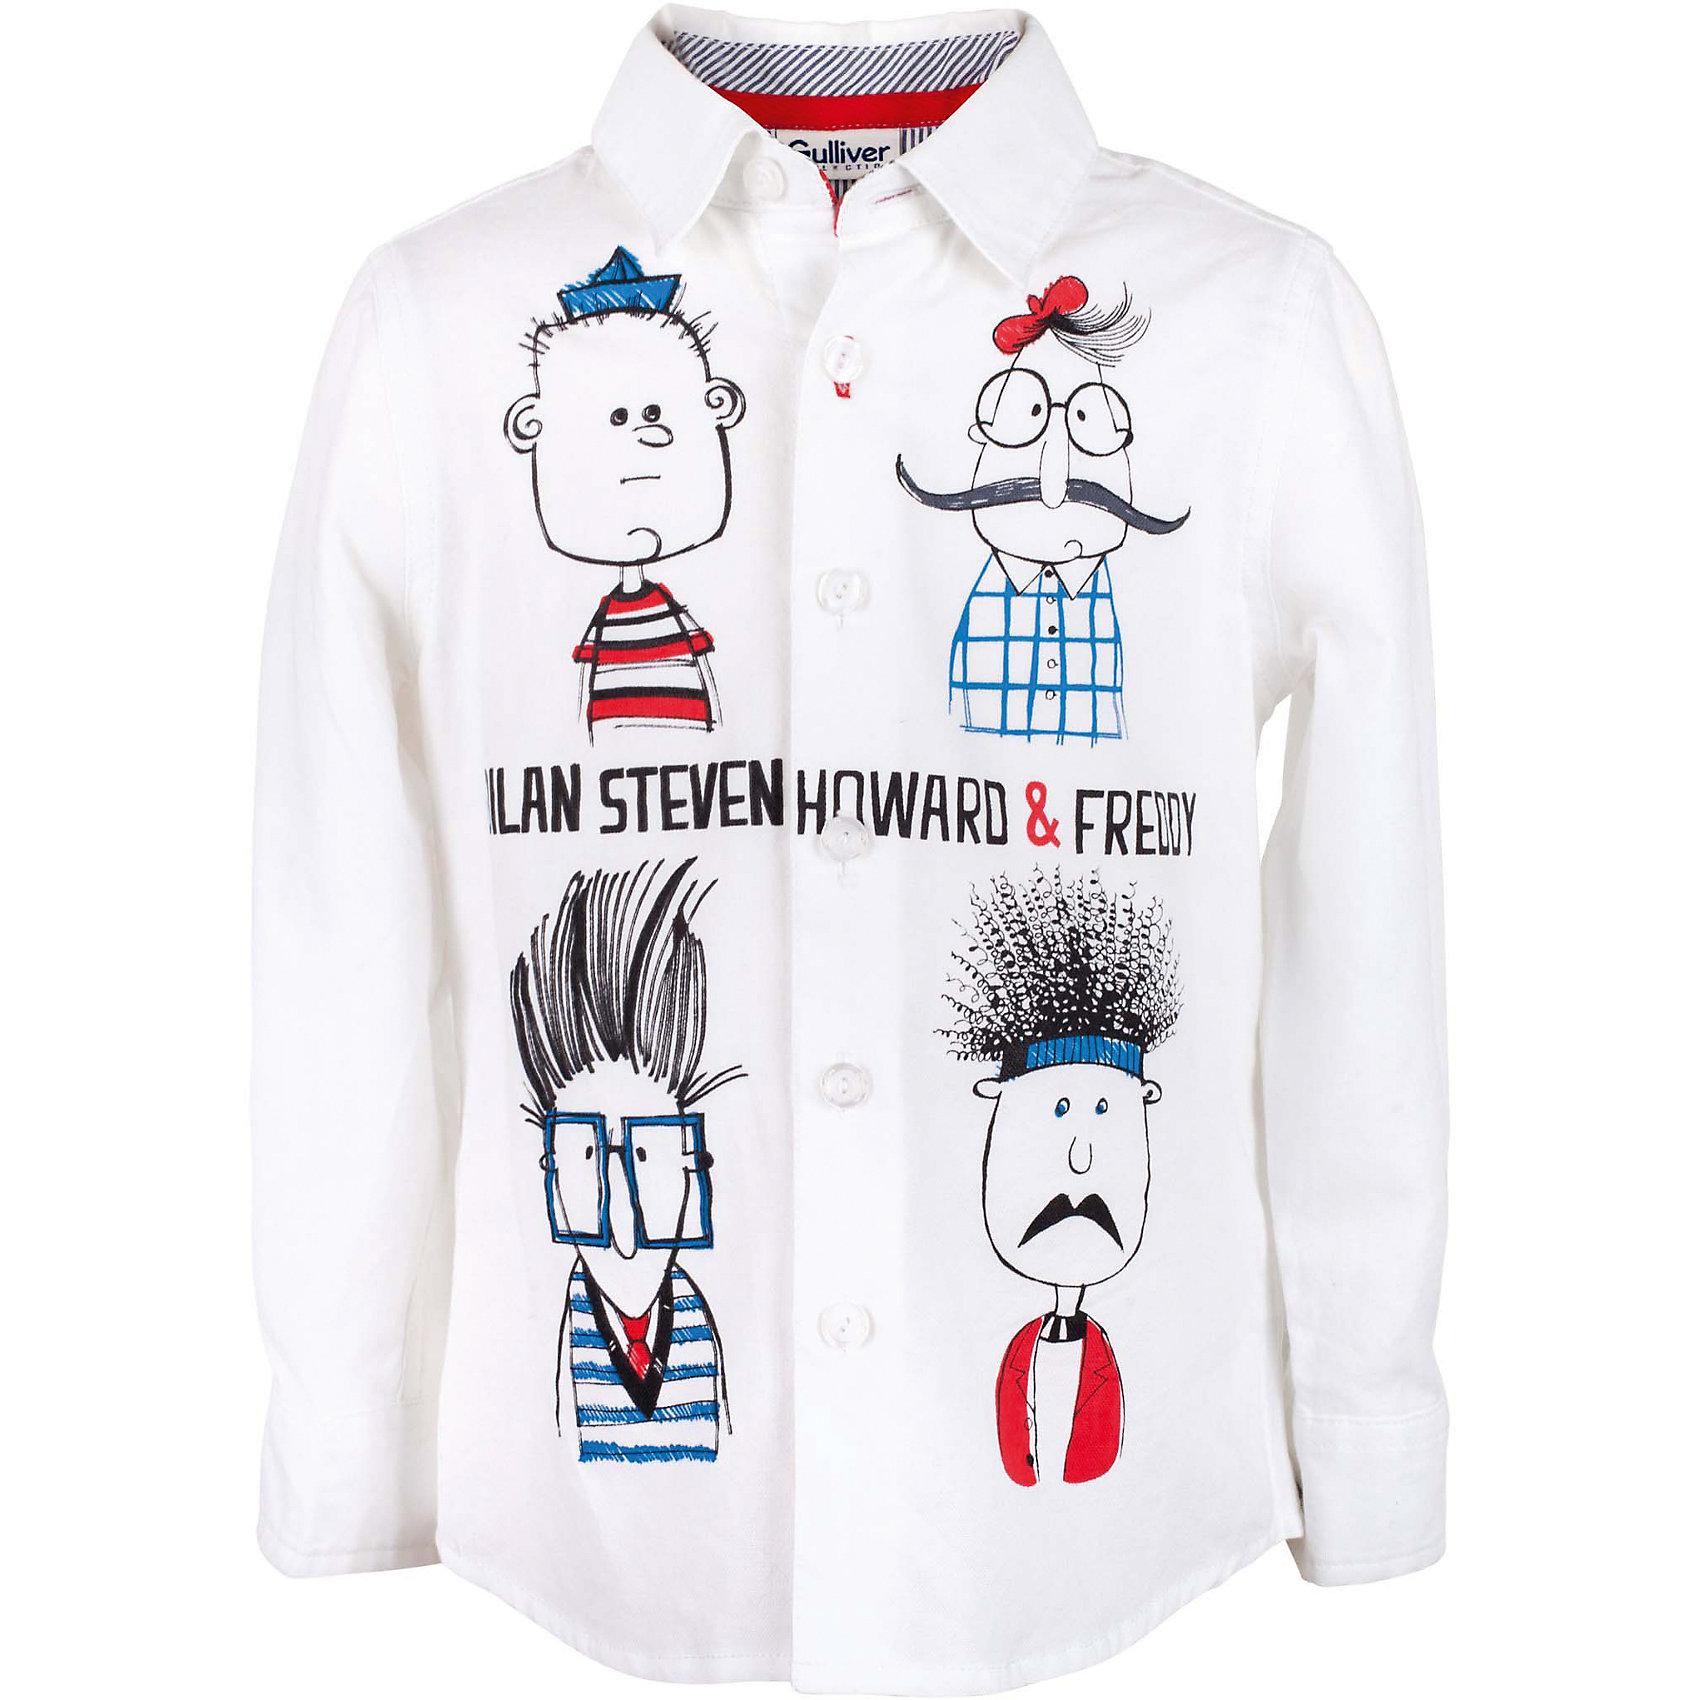 Рубашка для мальчика GulliverБлузки и рубашки<br>Эта белая рубашка для мальчика - настоящий шедевр! Интересный дизайн модели, построенный на ярком выразительном оформлении, подкупает новизной и оригинальностью. Модная рубашка из 100% хлопка с длинным рукавом - прекрасная модель для жаркого лета. Она создает отличное настроение и делает каждый день ребенка комфортным. Модель из коллекции Скетч клуб - лучший пример детской рубашки с принтом: яркий, веселый, эксцентричный рисунок обязательно понравится юному джентльмену и его маме. Если вы решили купить белую рубашку для мальчика, но не хотите в детском летнем гардеробе иметь наскучившую базу, эта яркая, позитивная, оригинальная модель - отличный выбор!<br>Состав:<br>100% хлопок<br><br>Ширина мм: 174<br>Глубина мм: 10<br>Высота мм: 169<br>Вес г: 157<br>Цвет: белый<br>Возраст от месяцев: 24<br>Возраст до месяцев: 36<br>Пол: Мужской<br>Возраст: Детский<br>Размер: 98,104,110,116<br>SKU: 5483907